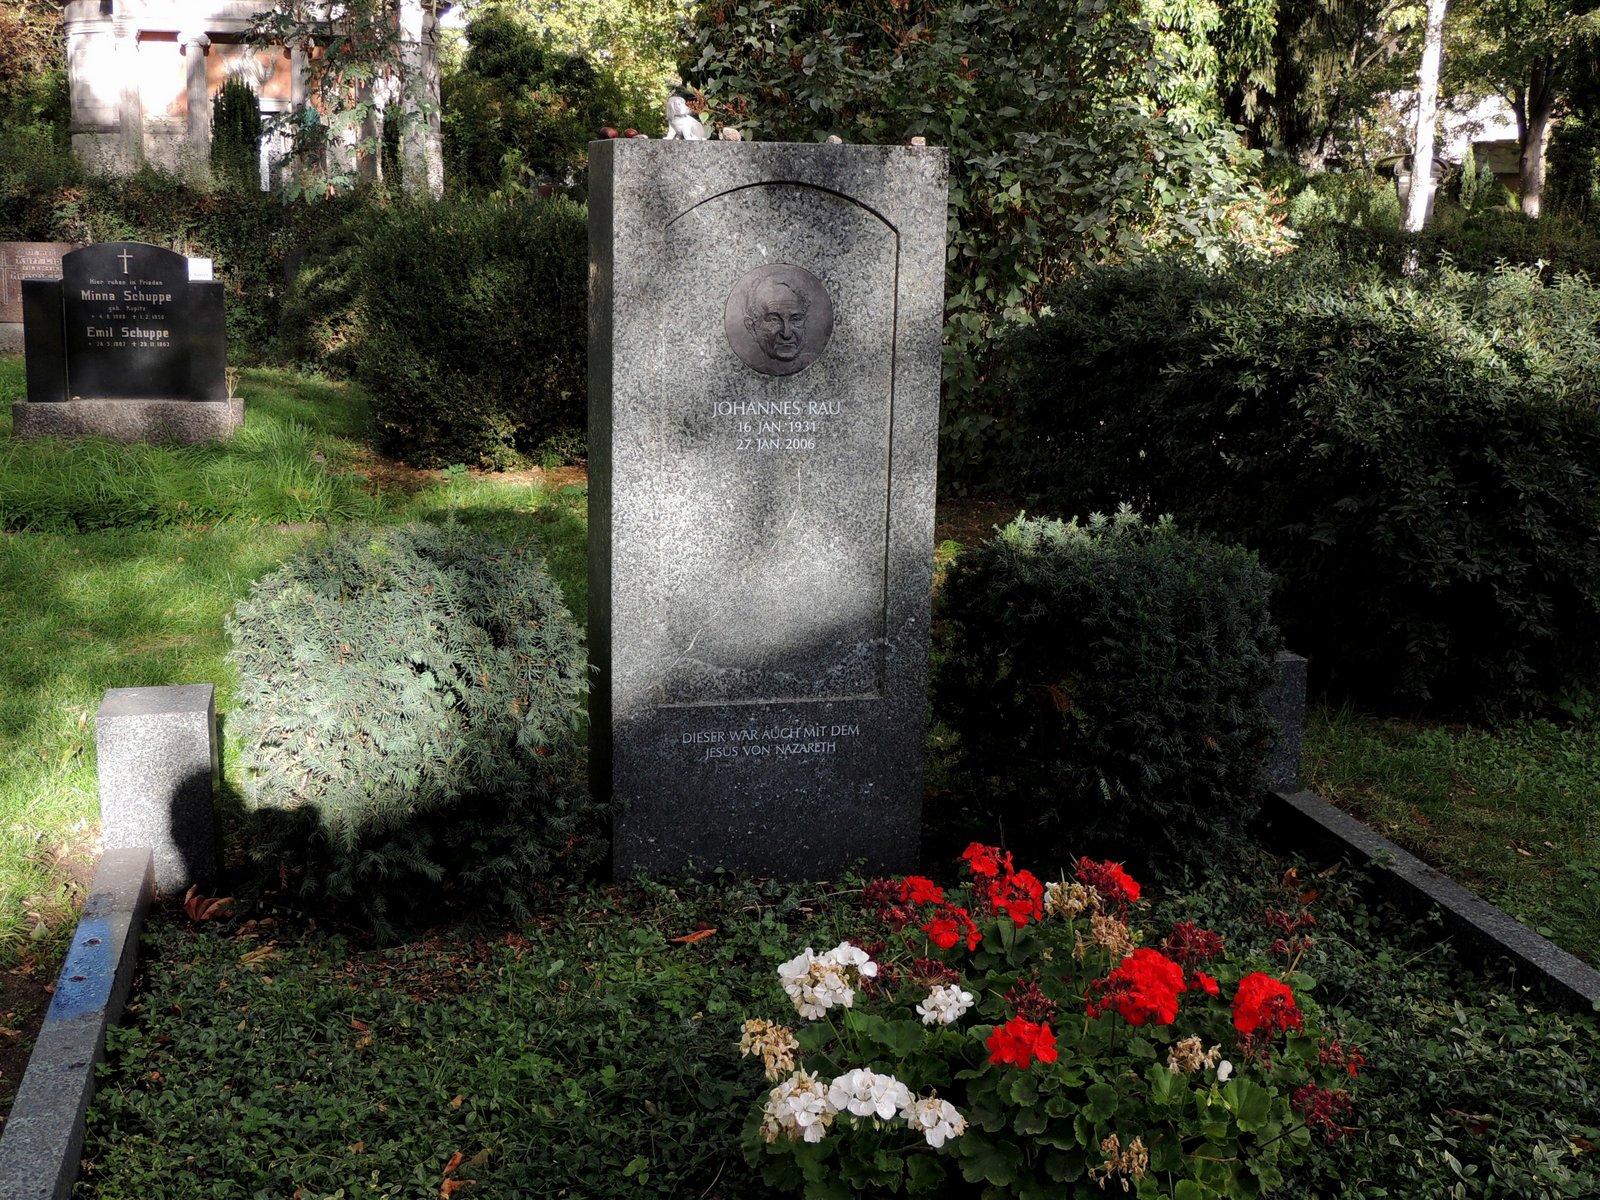 Dorotheenstädtischer Friedhof Berlin-Mitte - Johannes Rau